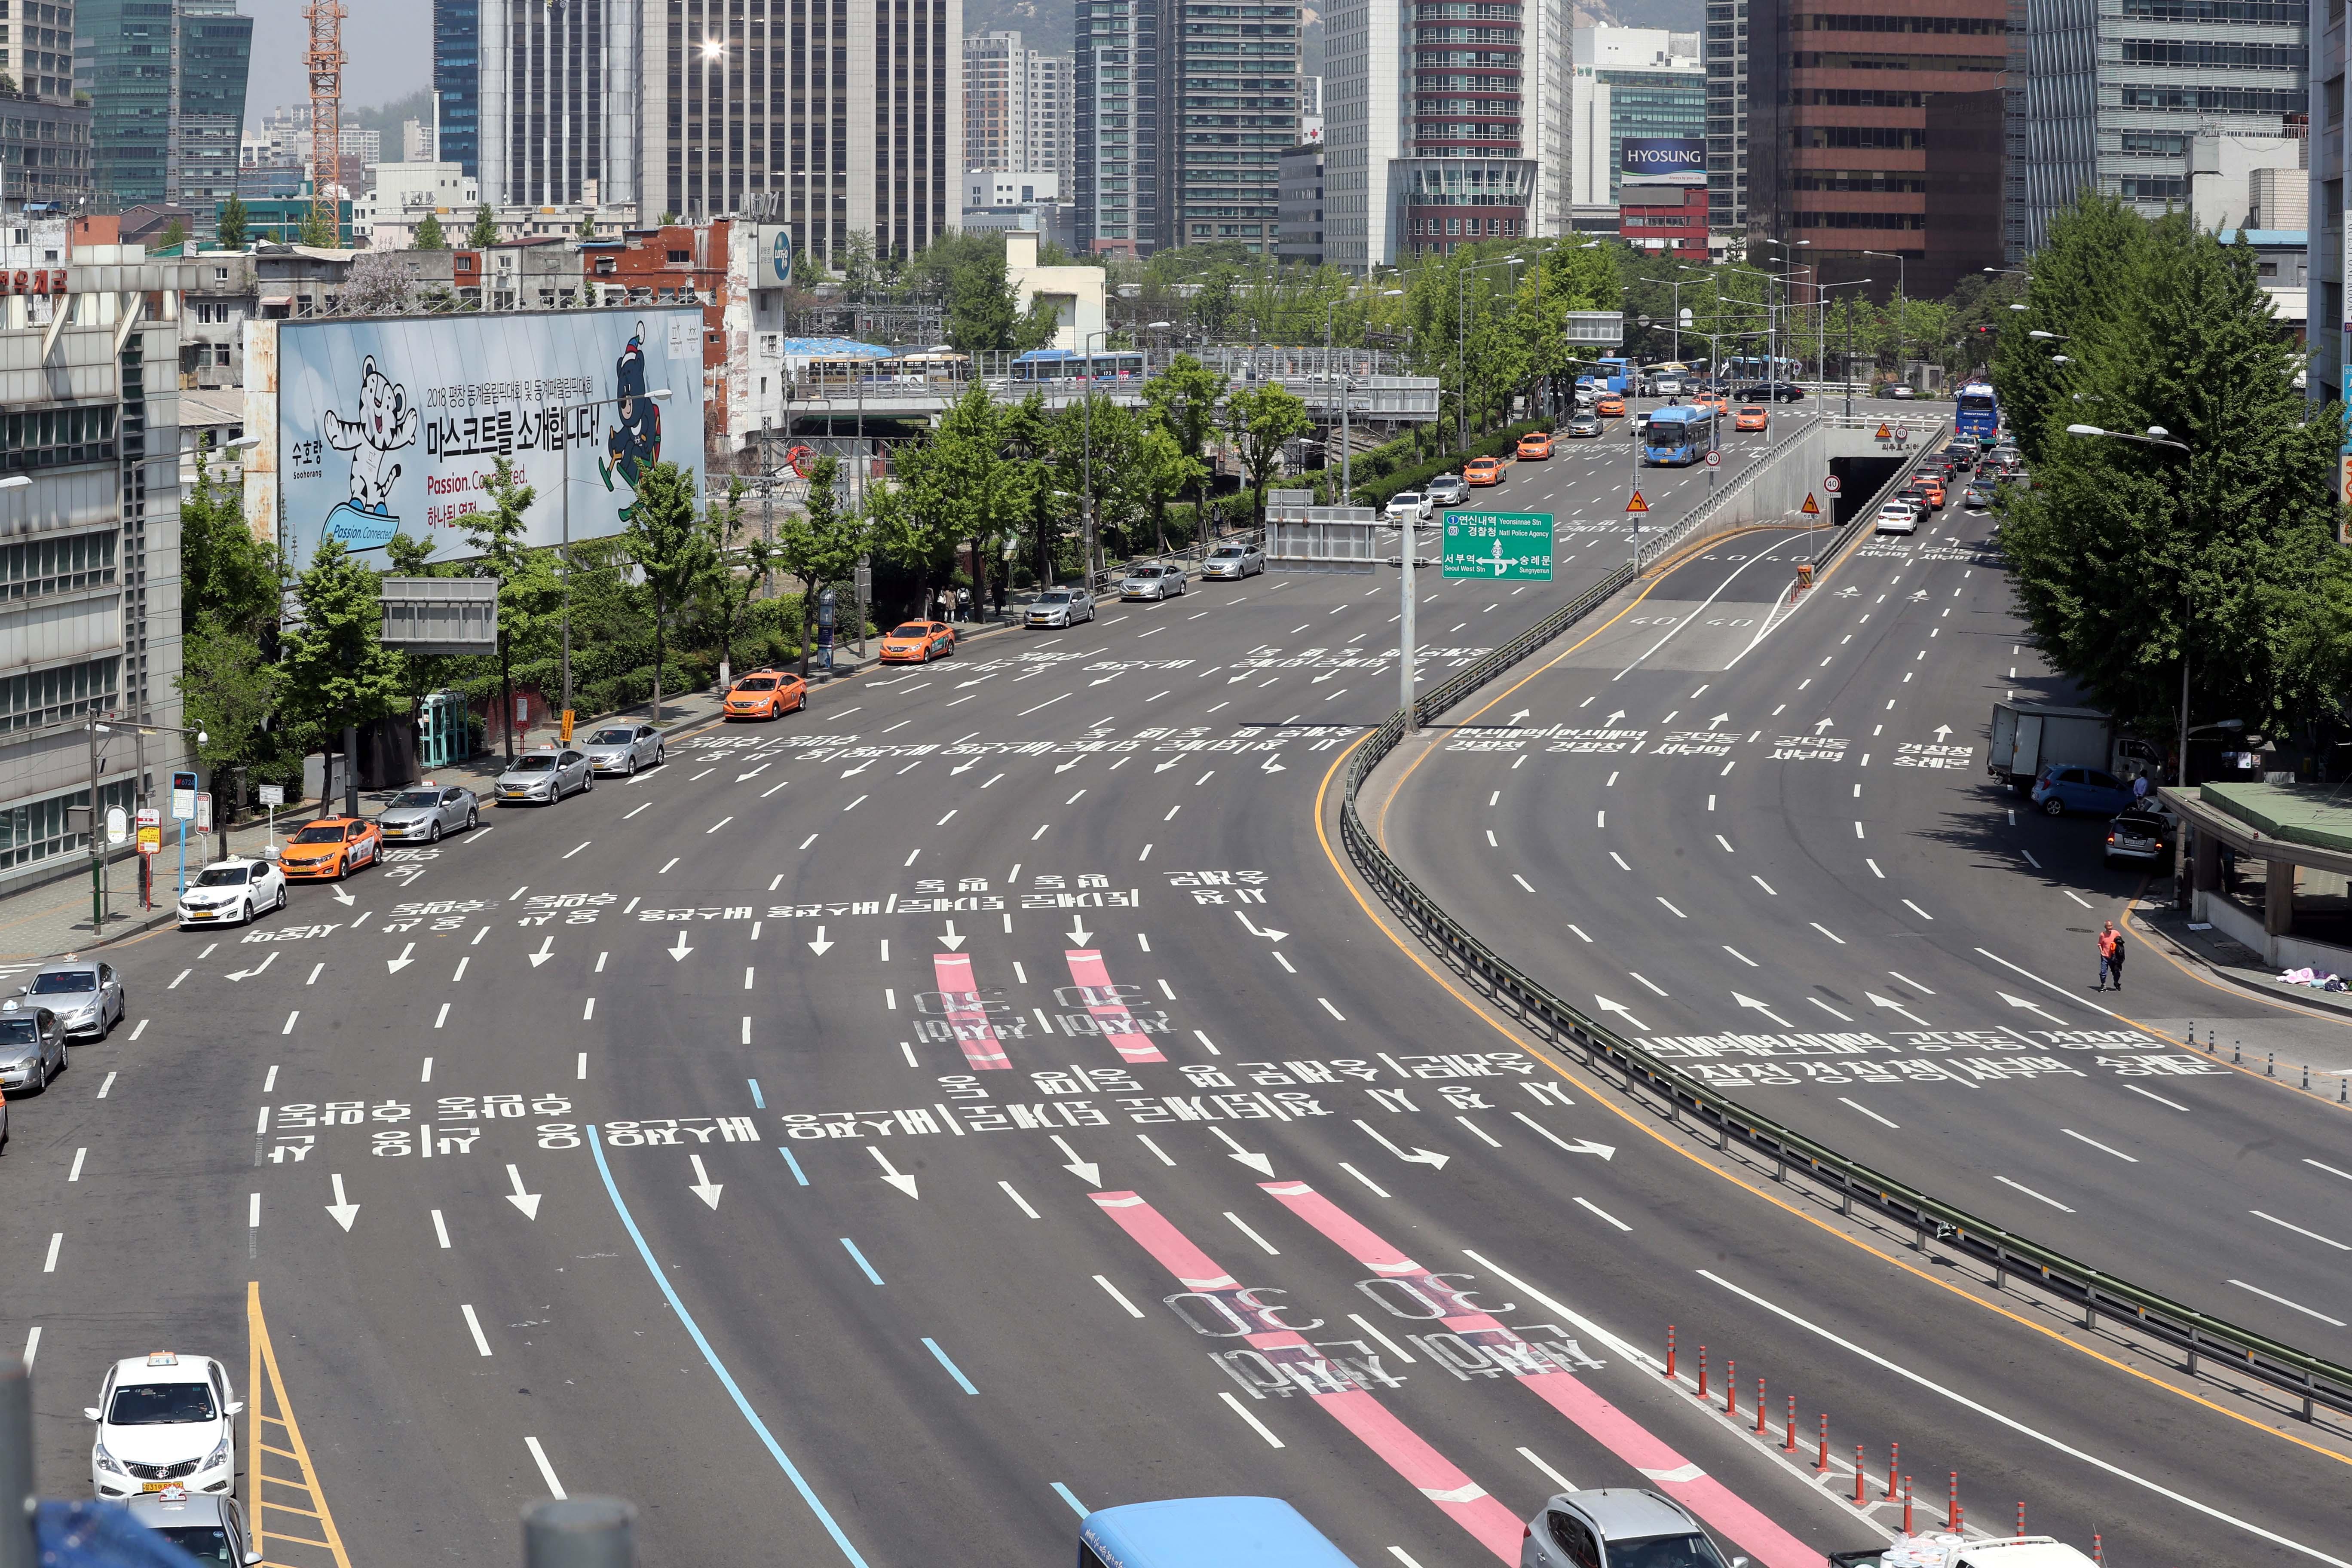 [헌재] 도로교통법